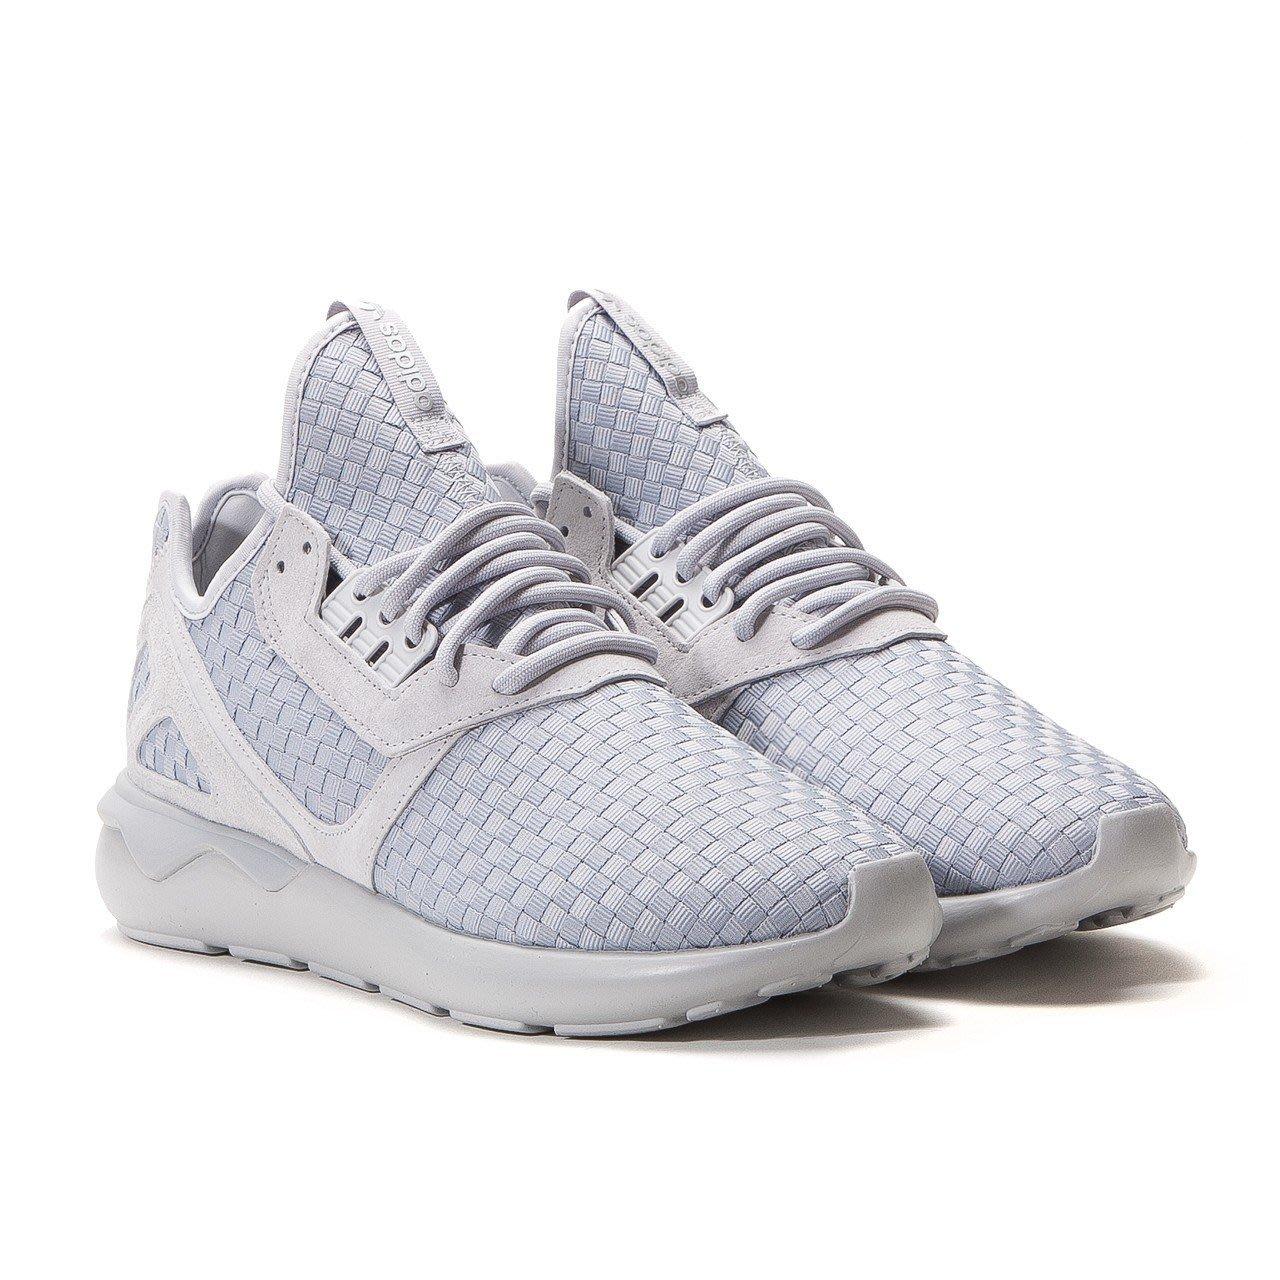 (預購商品) vubular runner woven 編織 運動鞋